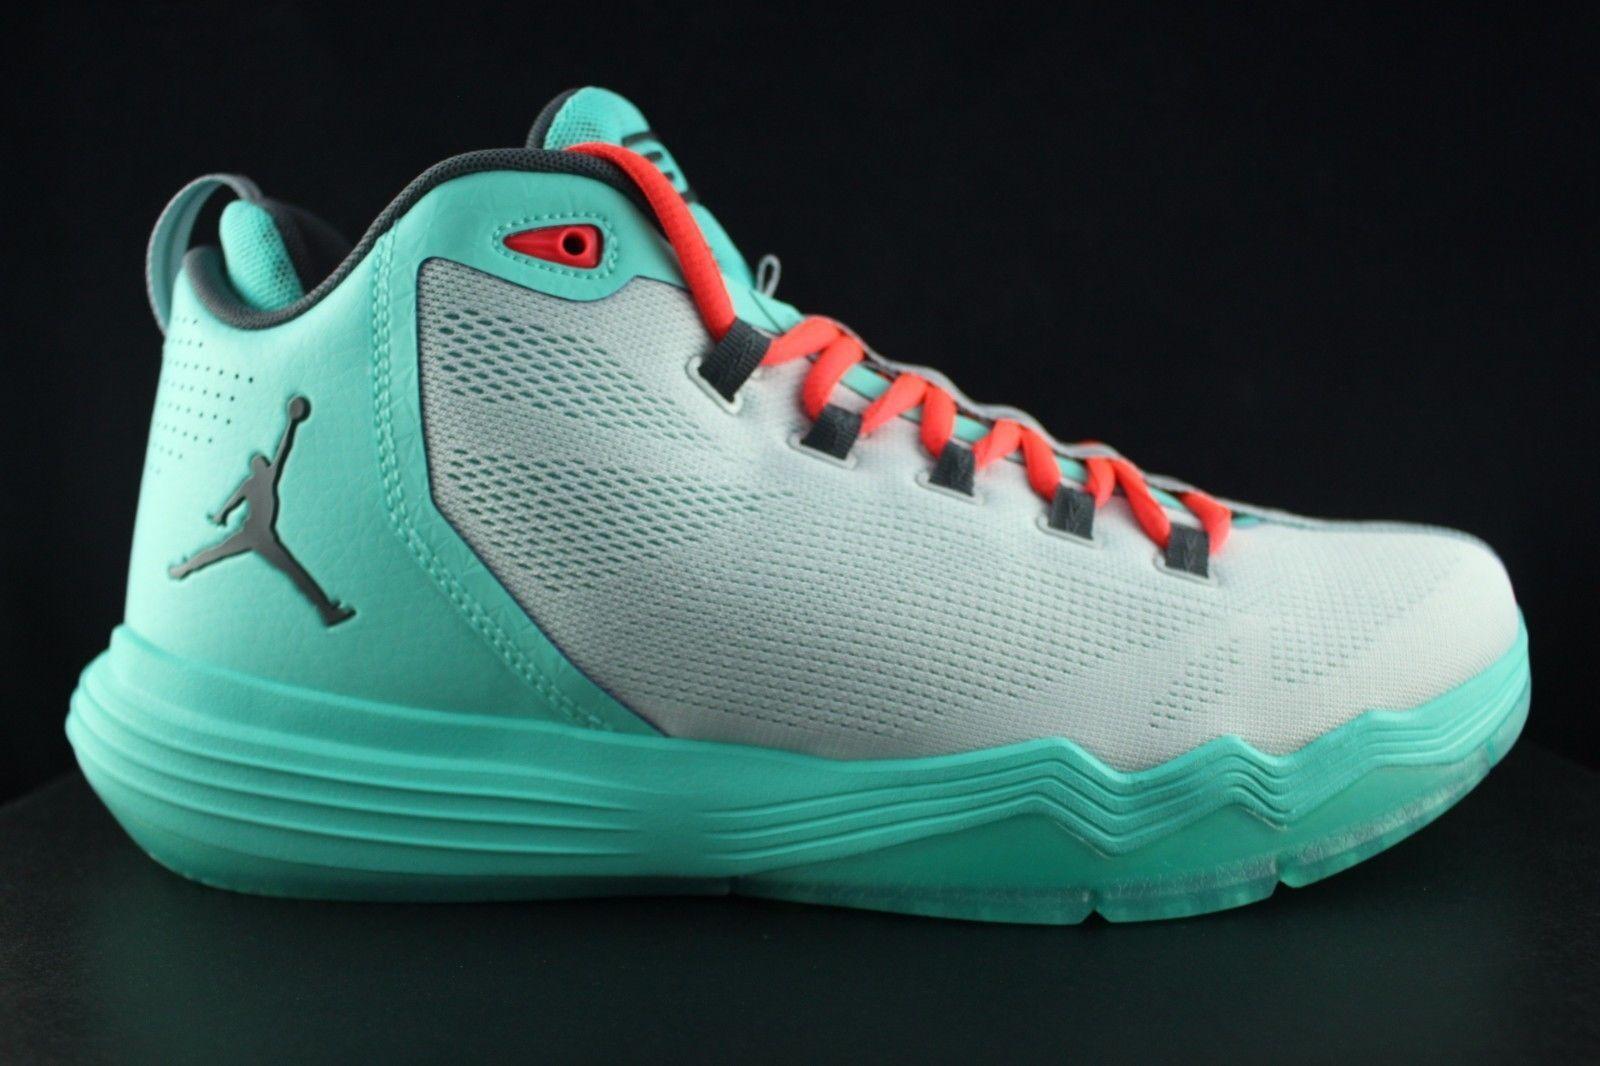 Men's Jordan CP3.IX AE Shoe!! PURE PLATINUM/DARK GREY/HYPER TURQUOISE